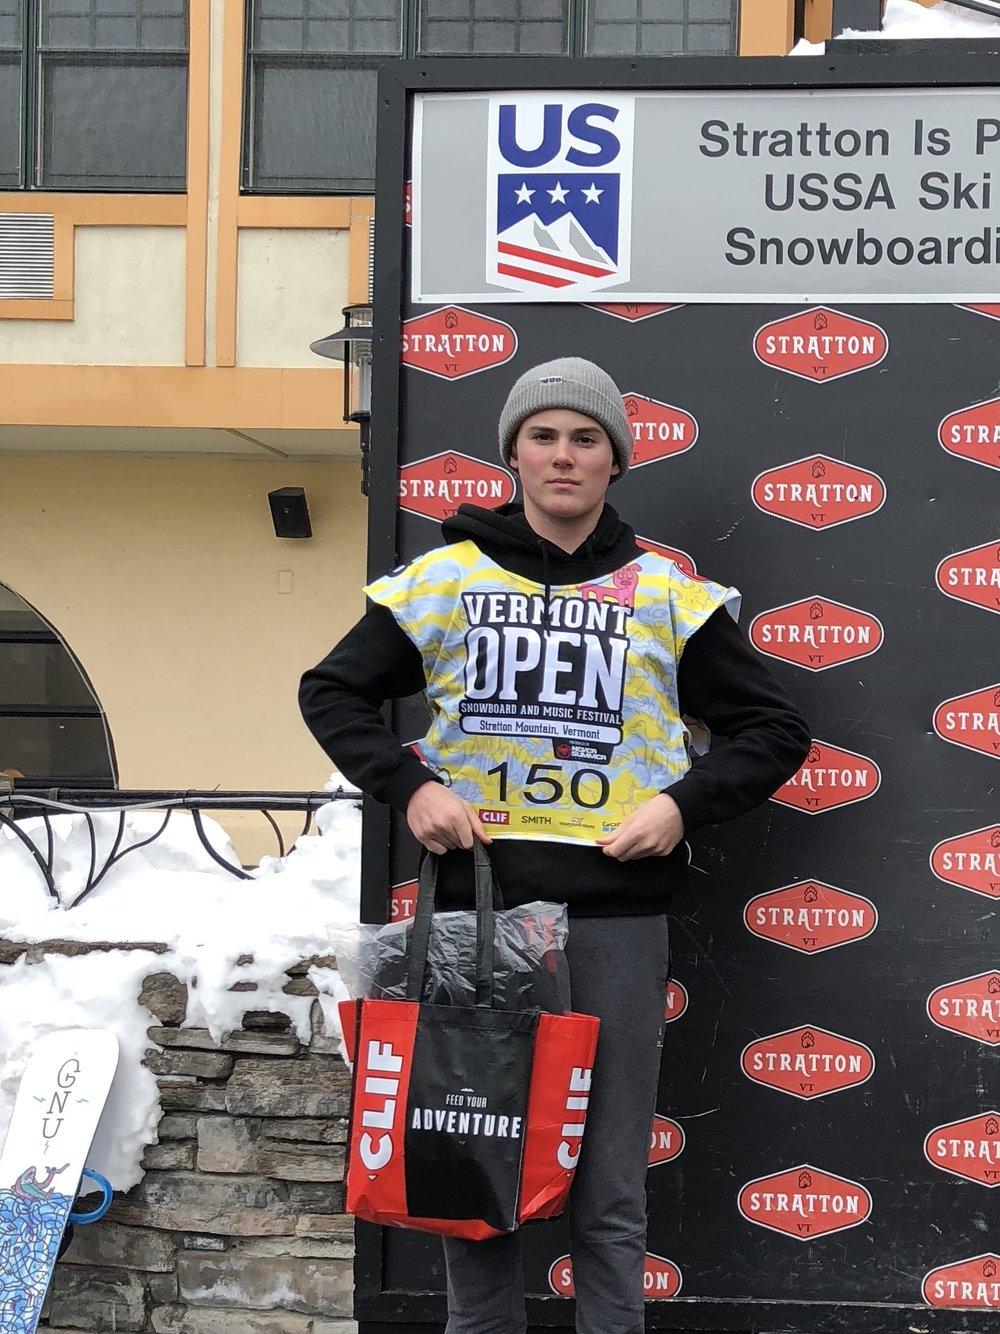 Otto Lichtensteiger, Silver Medalist in Banked Slalom Event